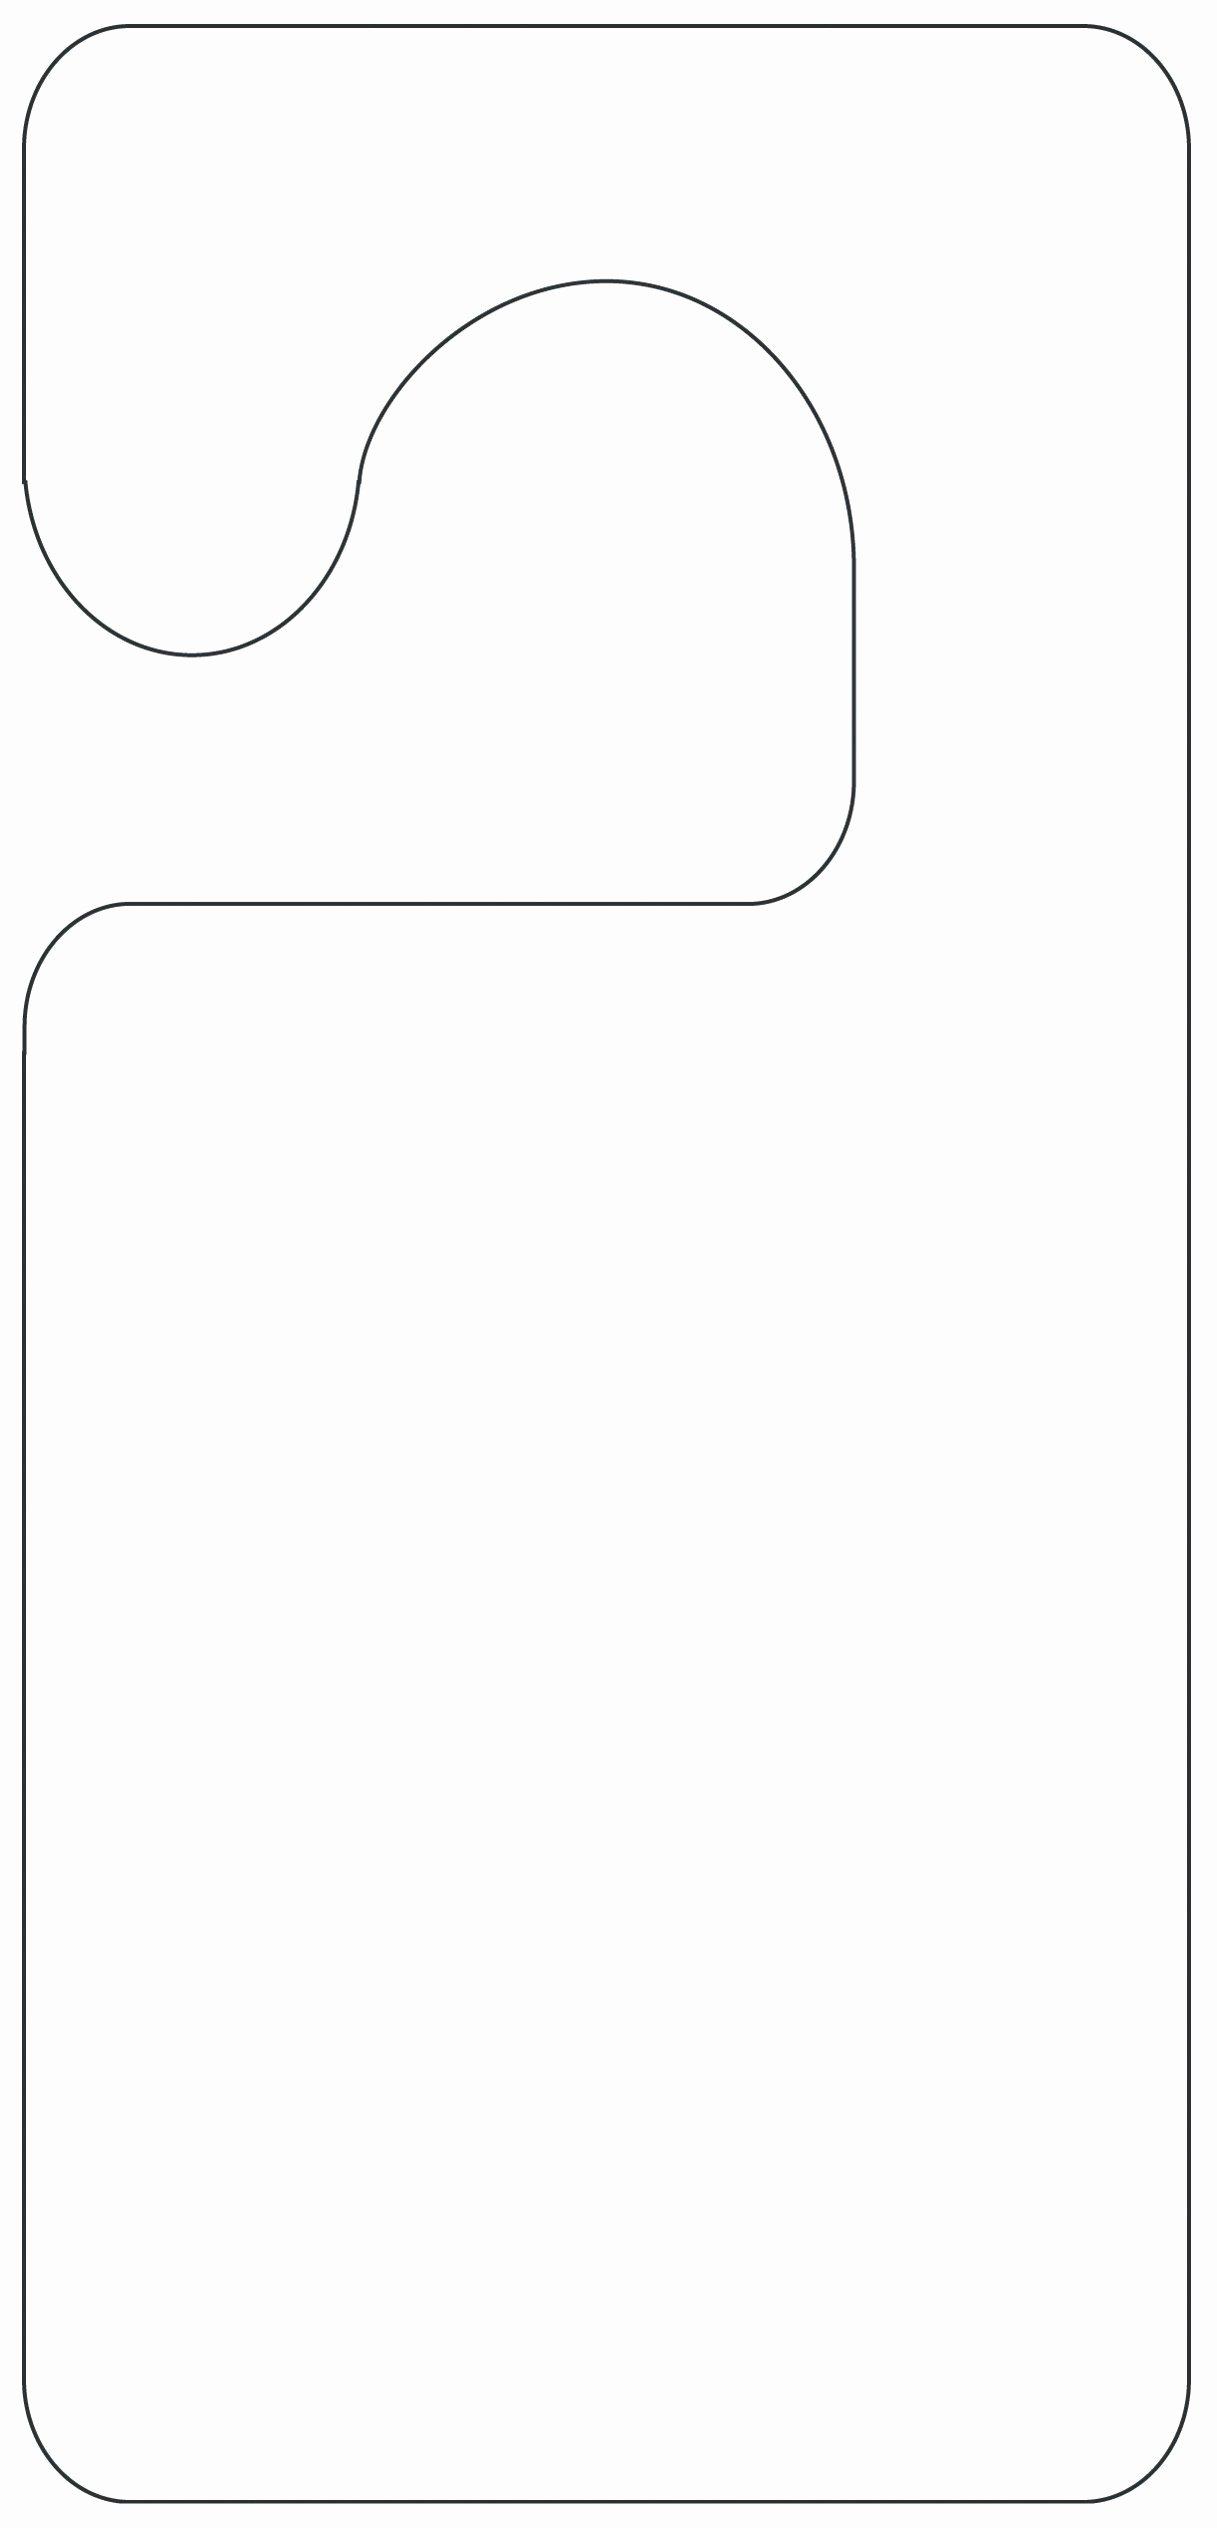 Door Hanger Template Illustrator Luxury Printable Door Hanger Template